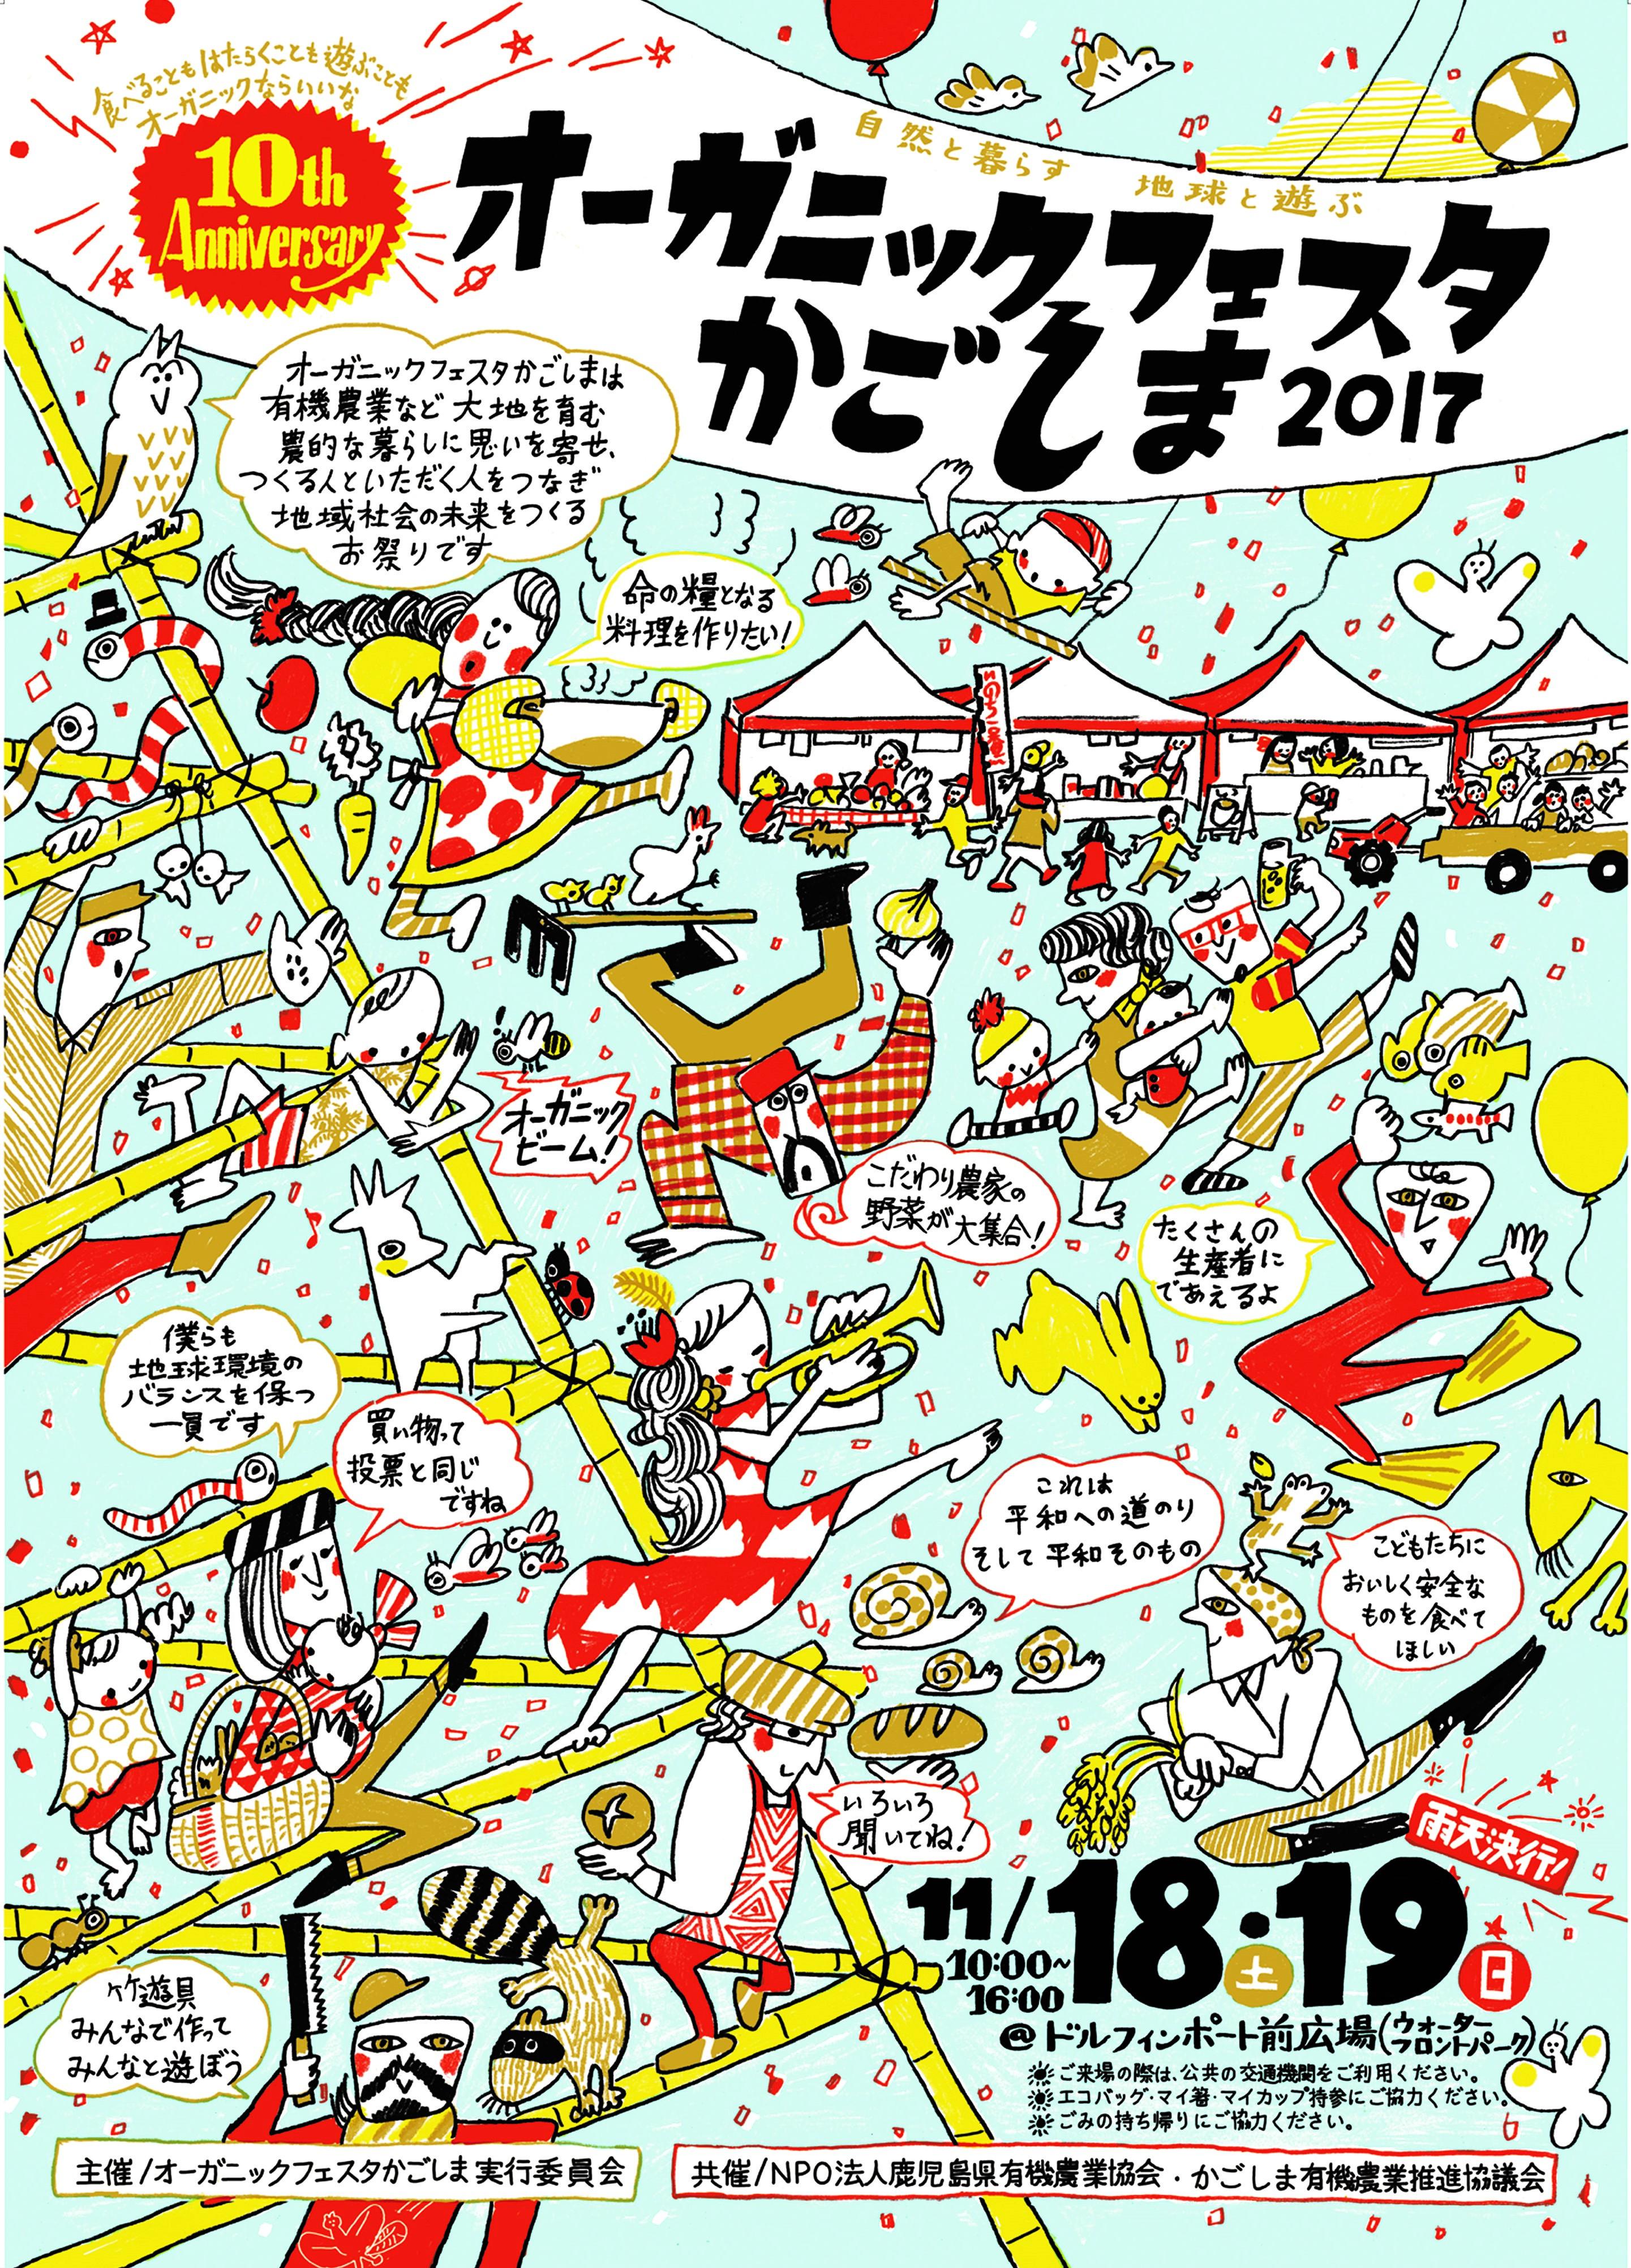 11/18-11/19 オーガニックフェスタかごしま2017